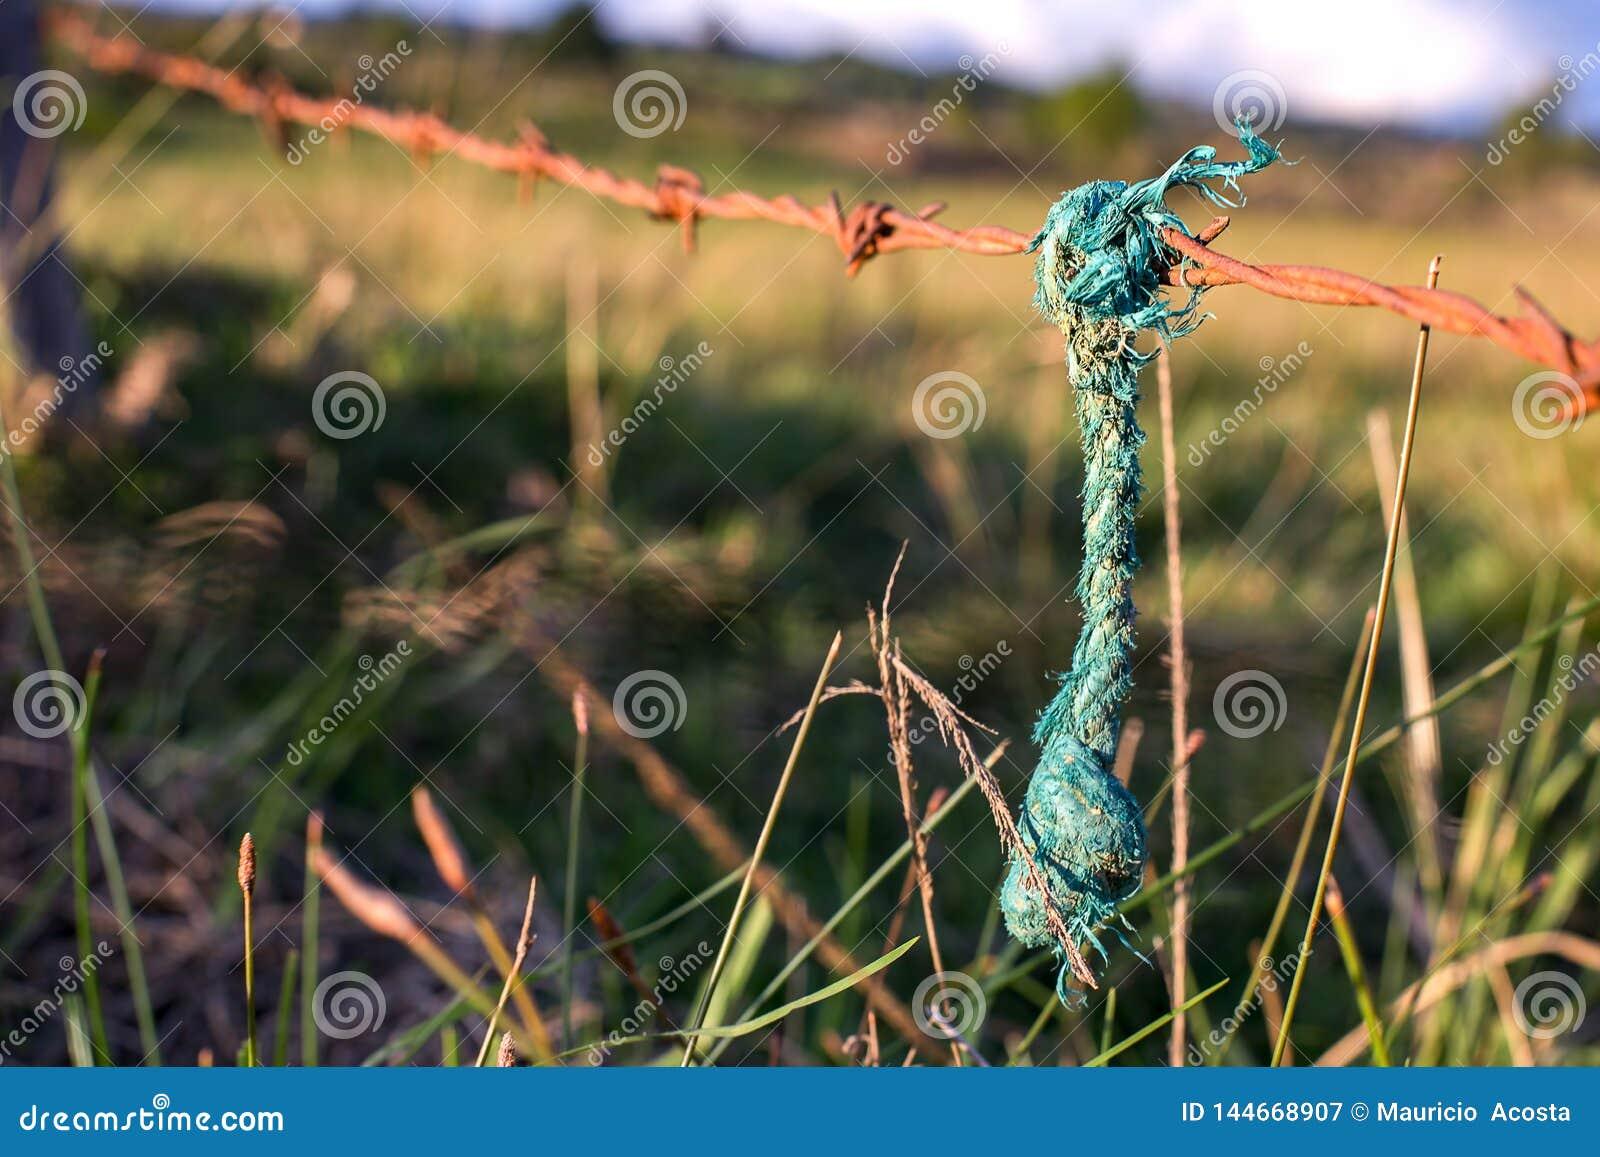 Het groene kabel hangen van een geroeste getelegrafeerde weerhaak